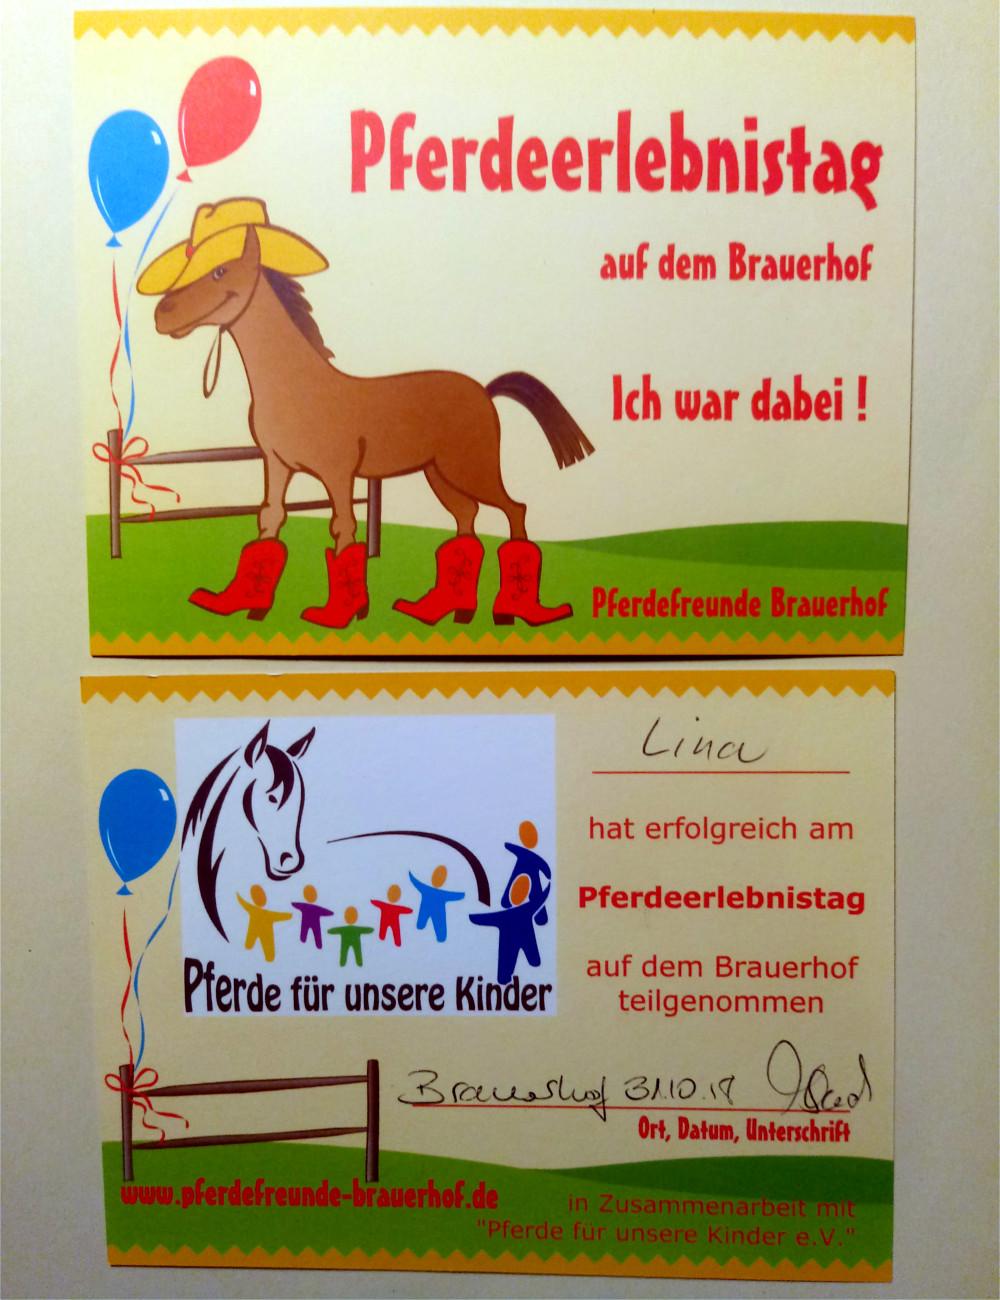 Pferde für unsere Kinder e.V. Pferdeerelbnistag Pferdefreunde Brauerhof (II)